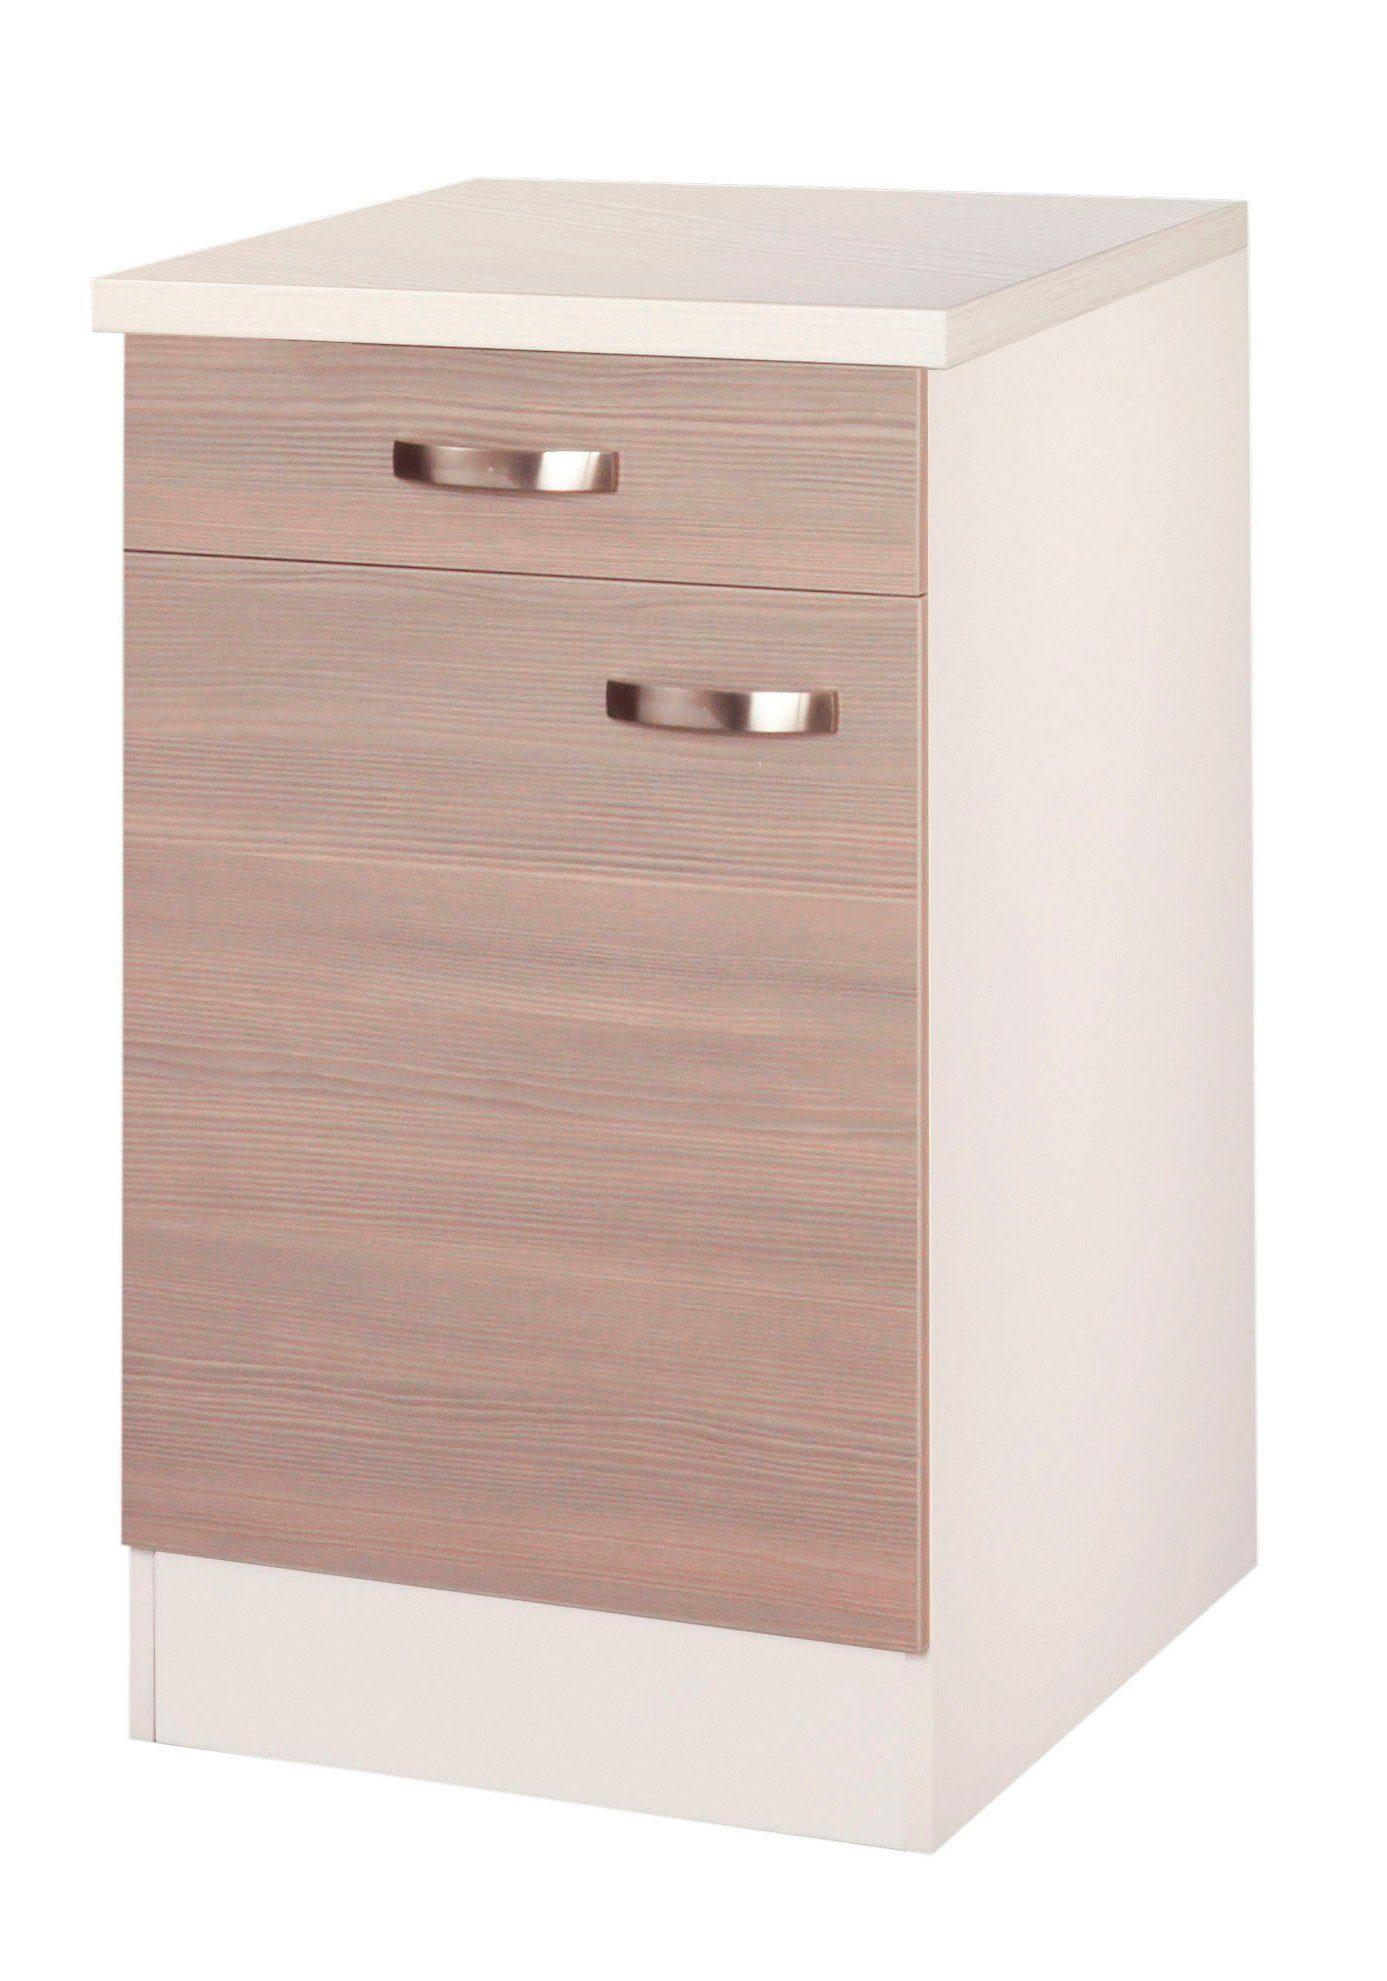 Küchenunterschrank »Vigo«, Breite 30 cm